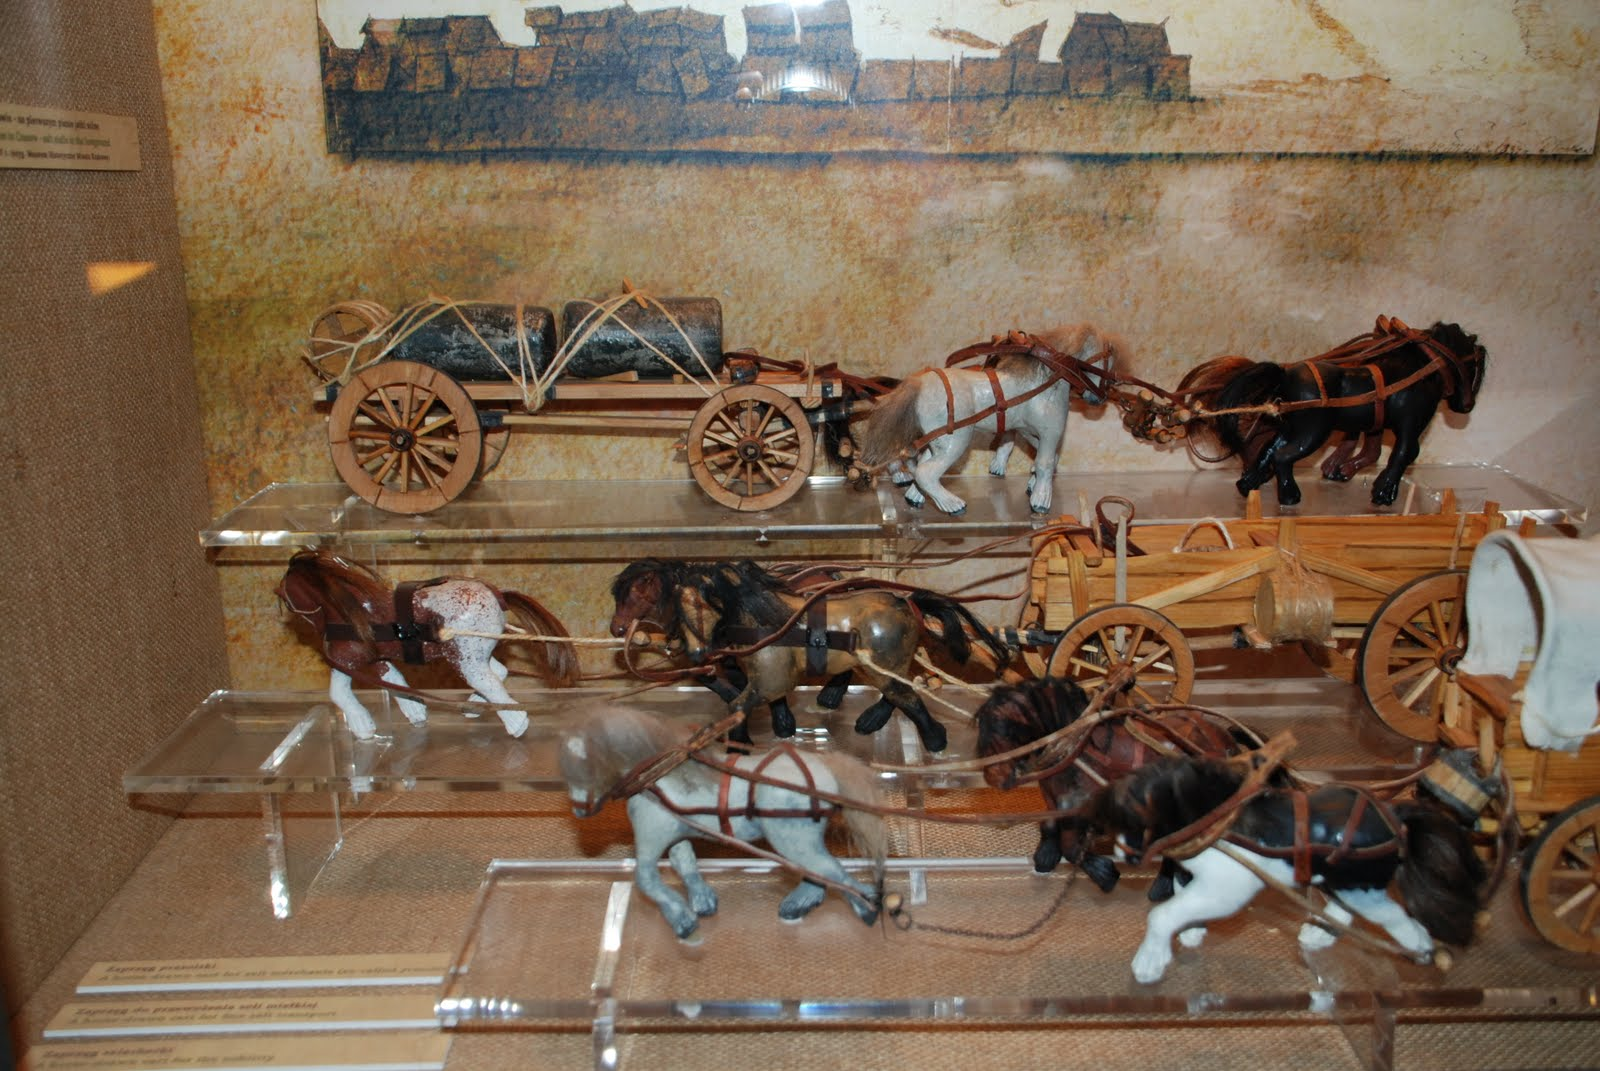 hester tatt av ulv